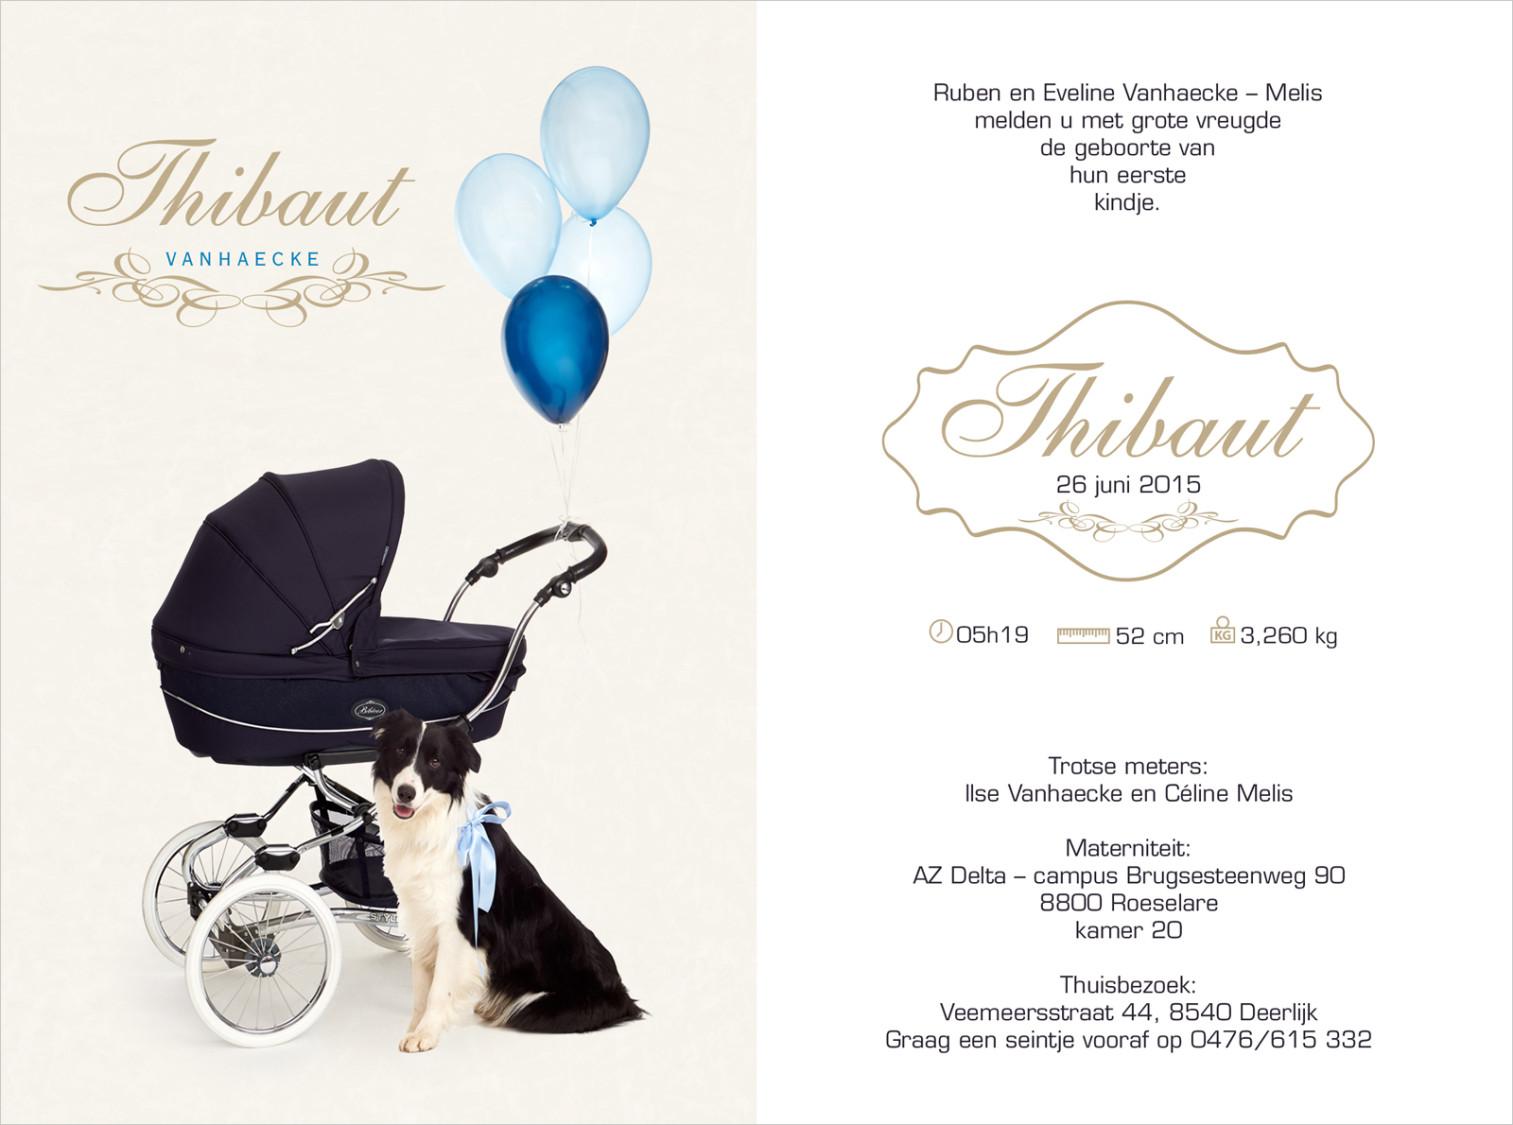 Geboortekaartje met foto van Thibault